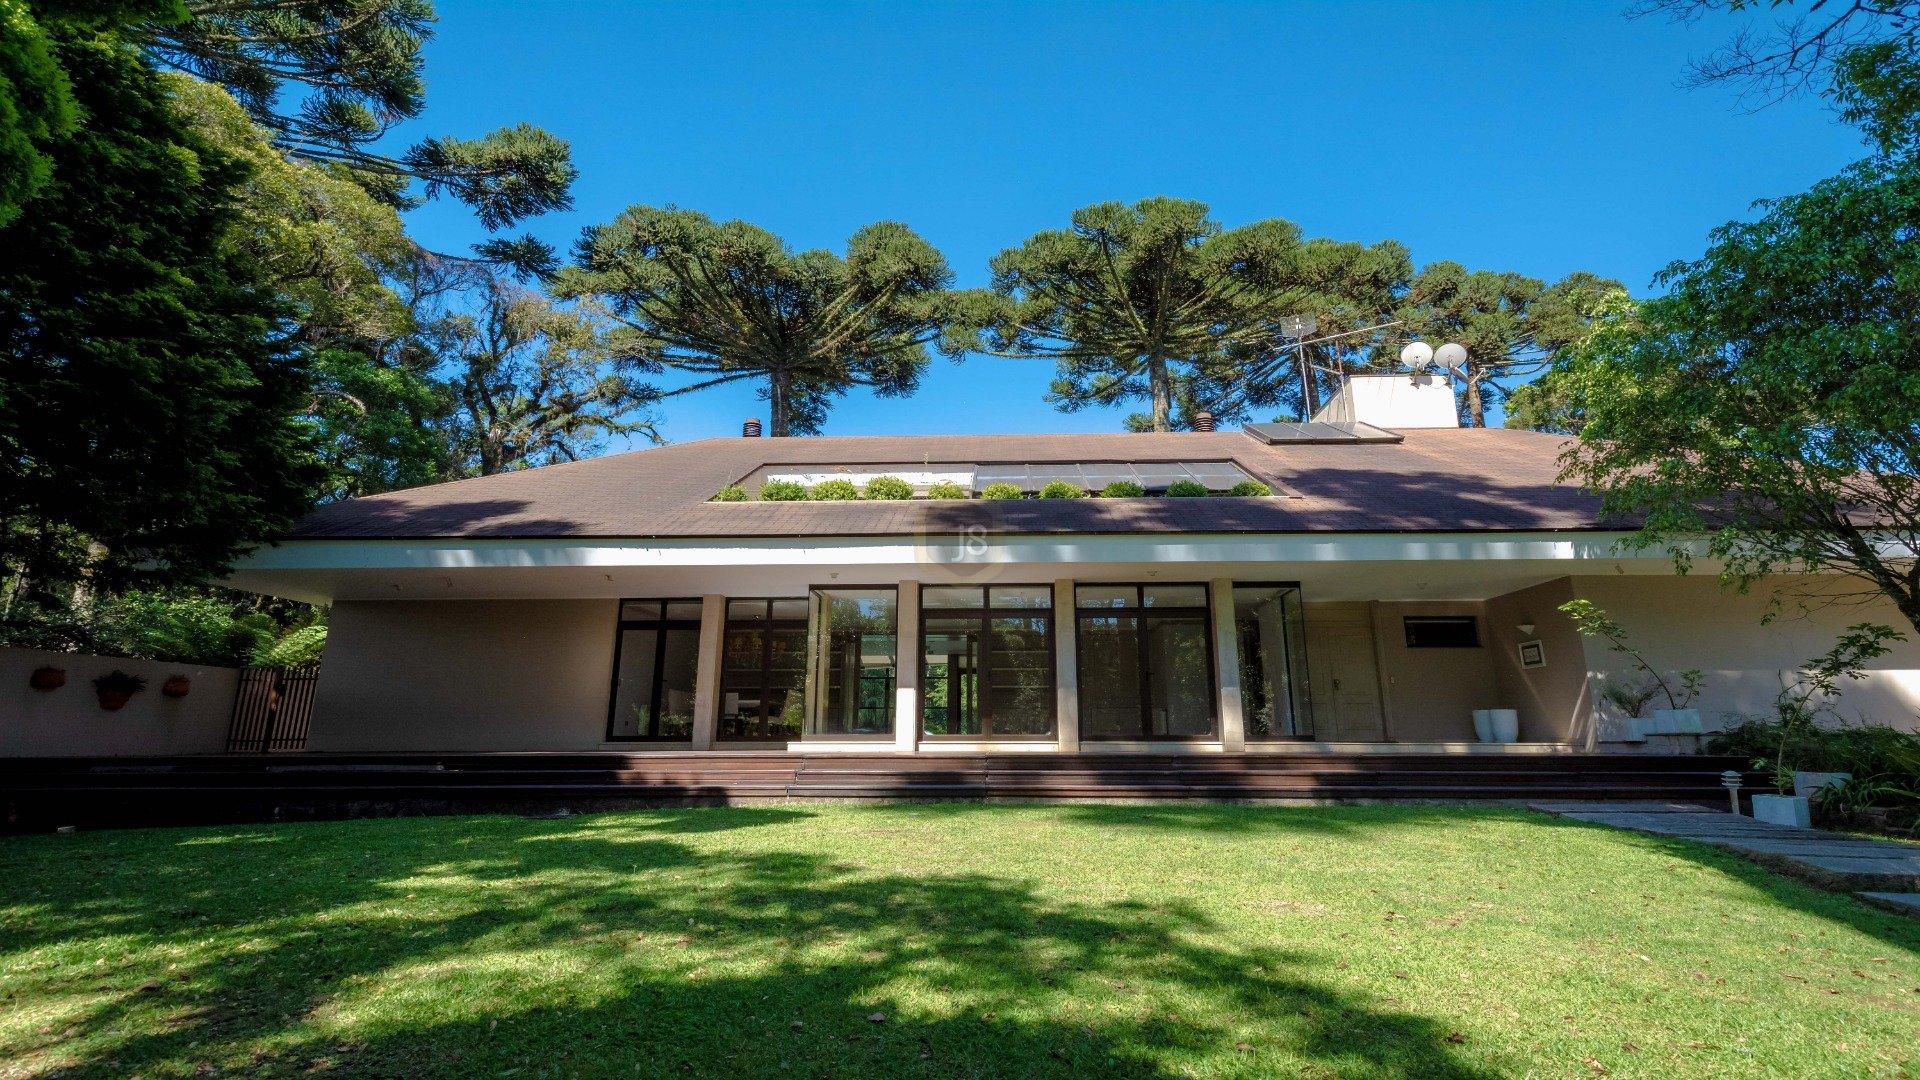 Foto de destaque Uma casa com muito charme, espaço e lazer